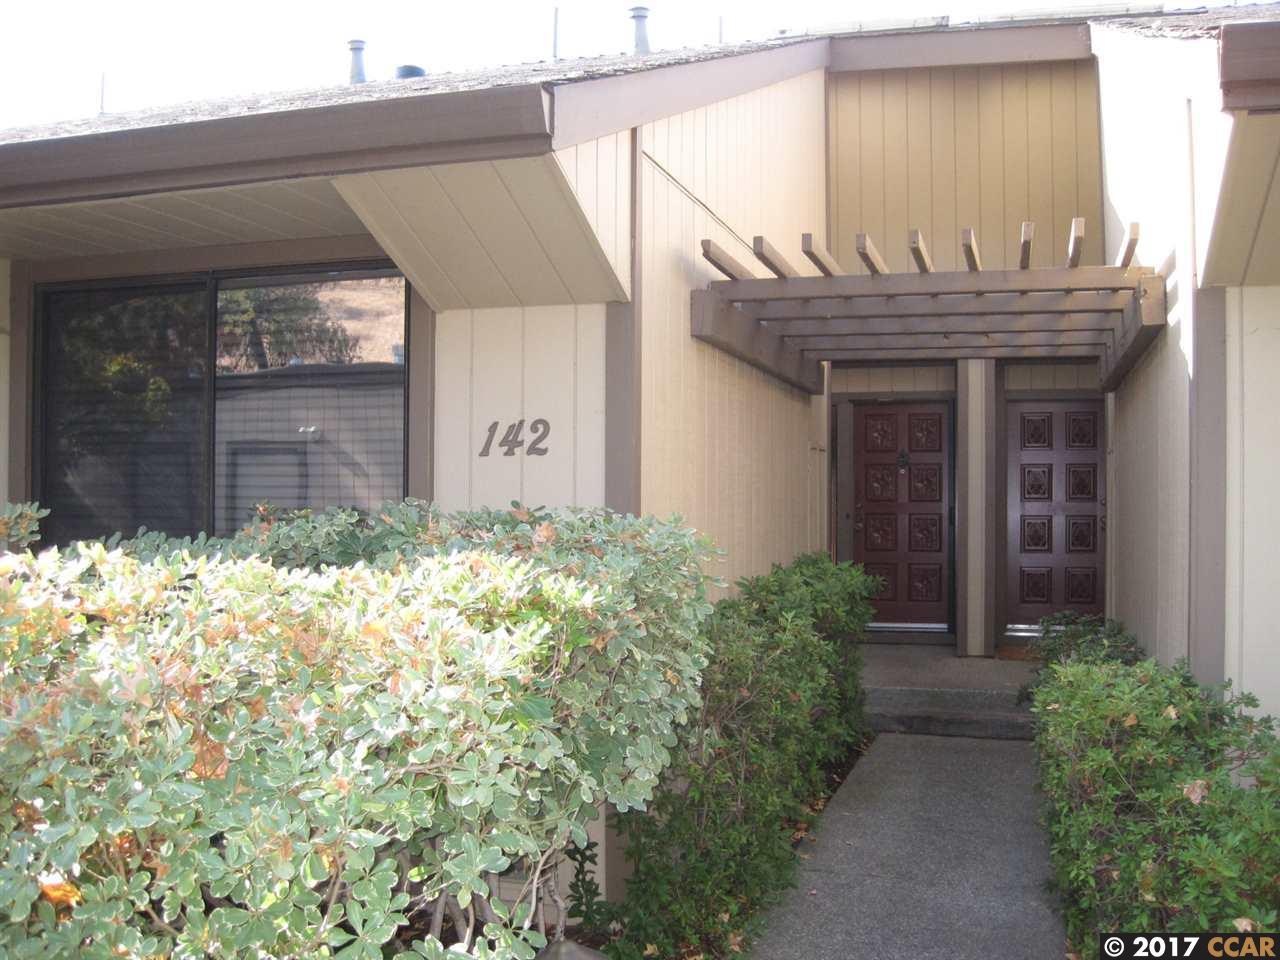 Eigentumswohnung für Mieten beim 142 Alamo Square 142 Alamo Square Alamo, Kalifornien 94507 Vereinigte Staaten